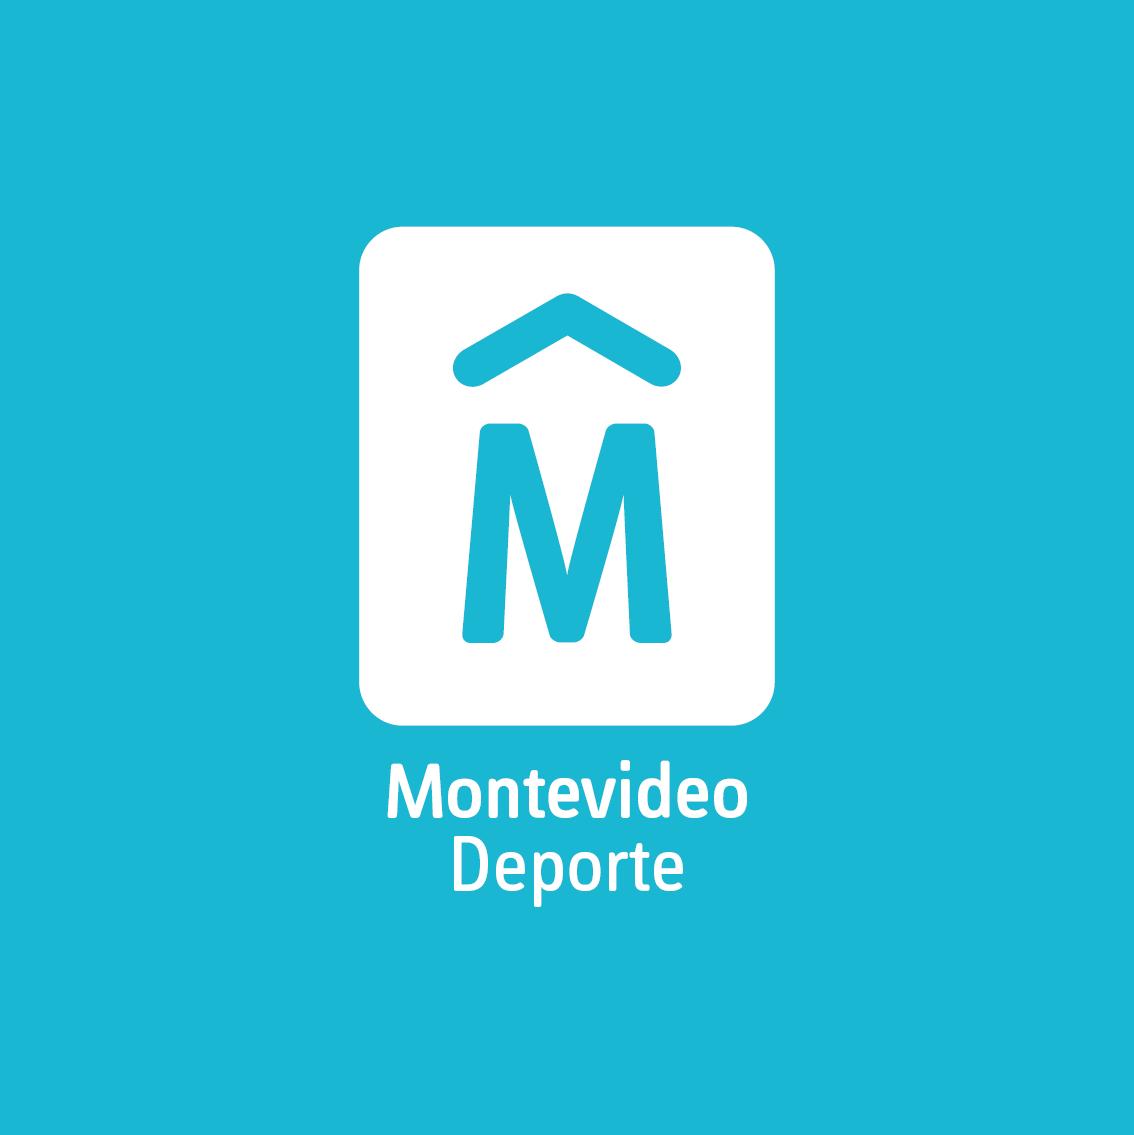 Montevideo Deporte